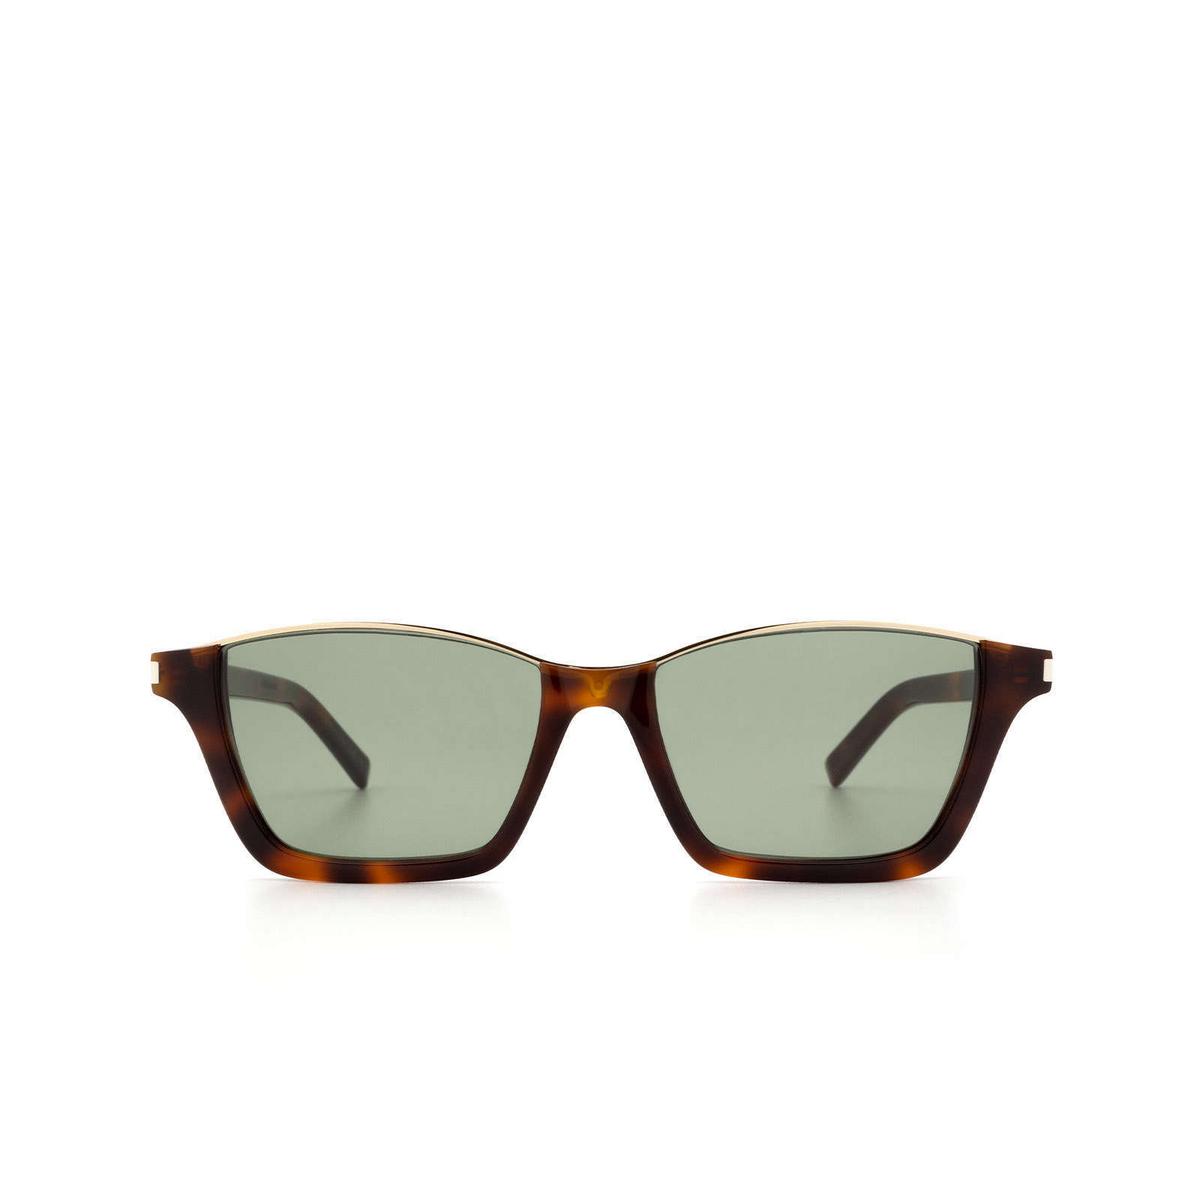 Saint Laurent® Square Sunglasses: Dylan SL 365 color Havana 001 - 1/3.